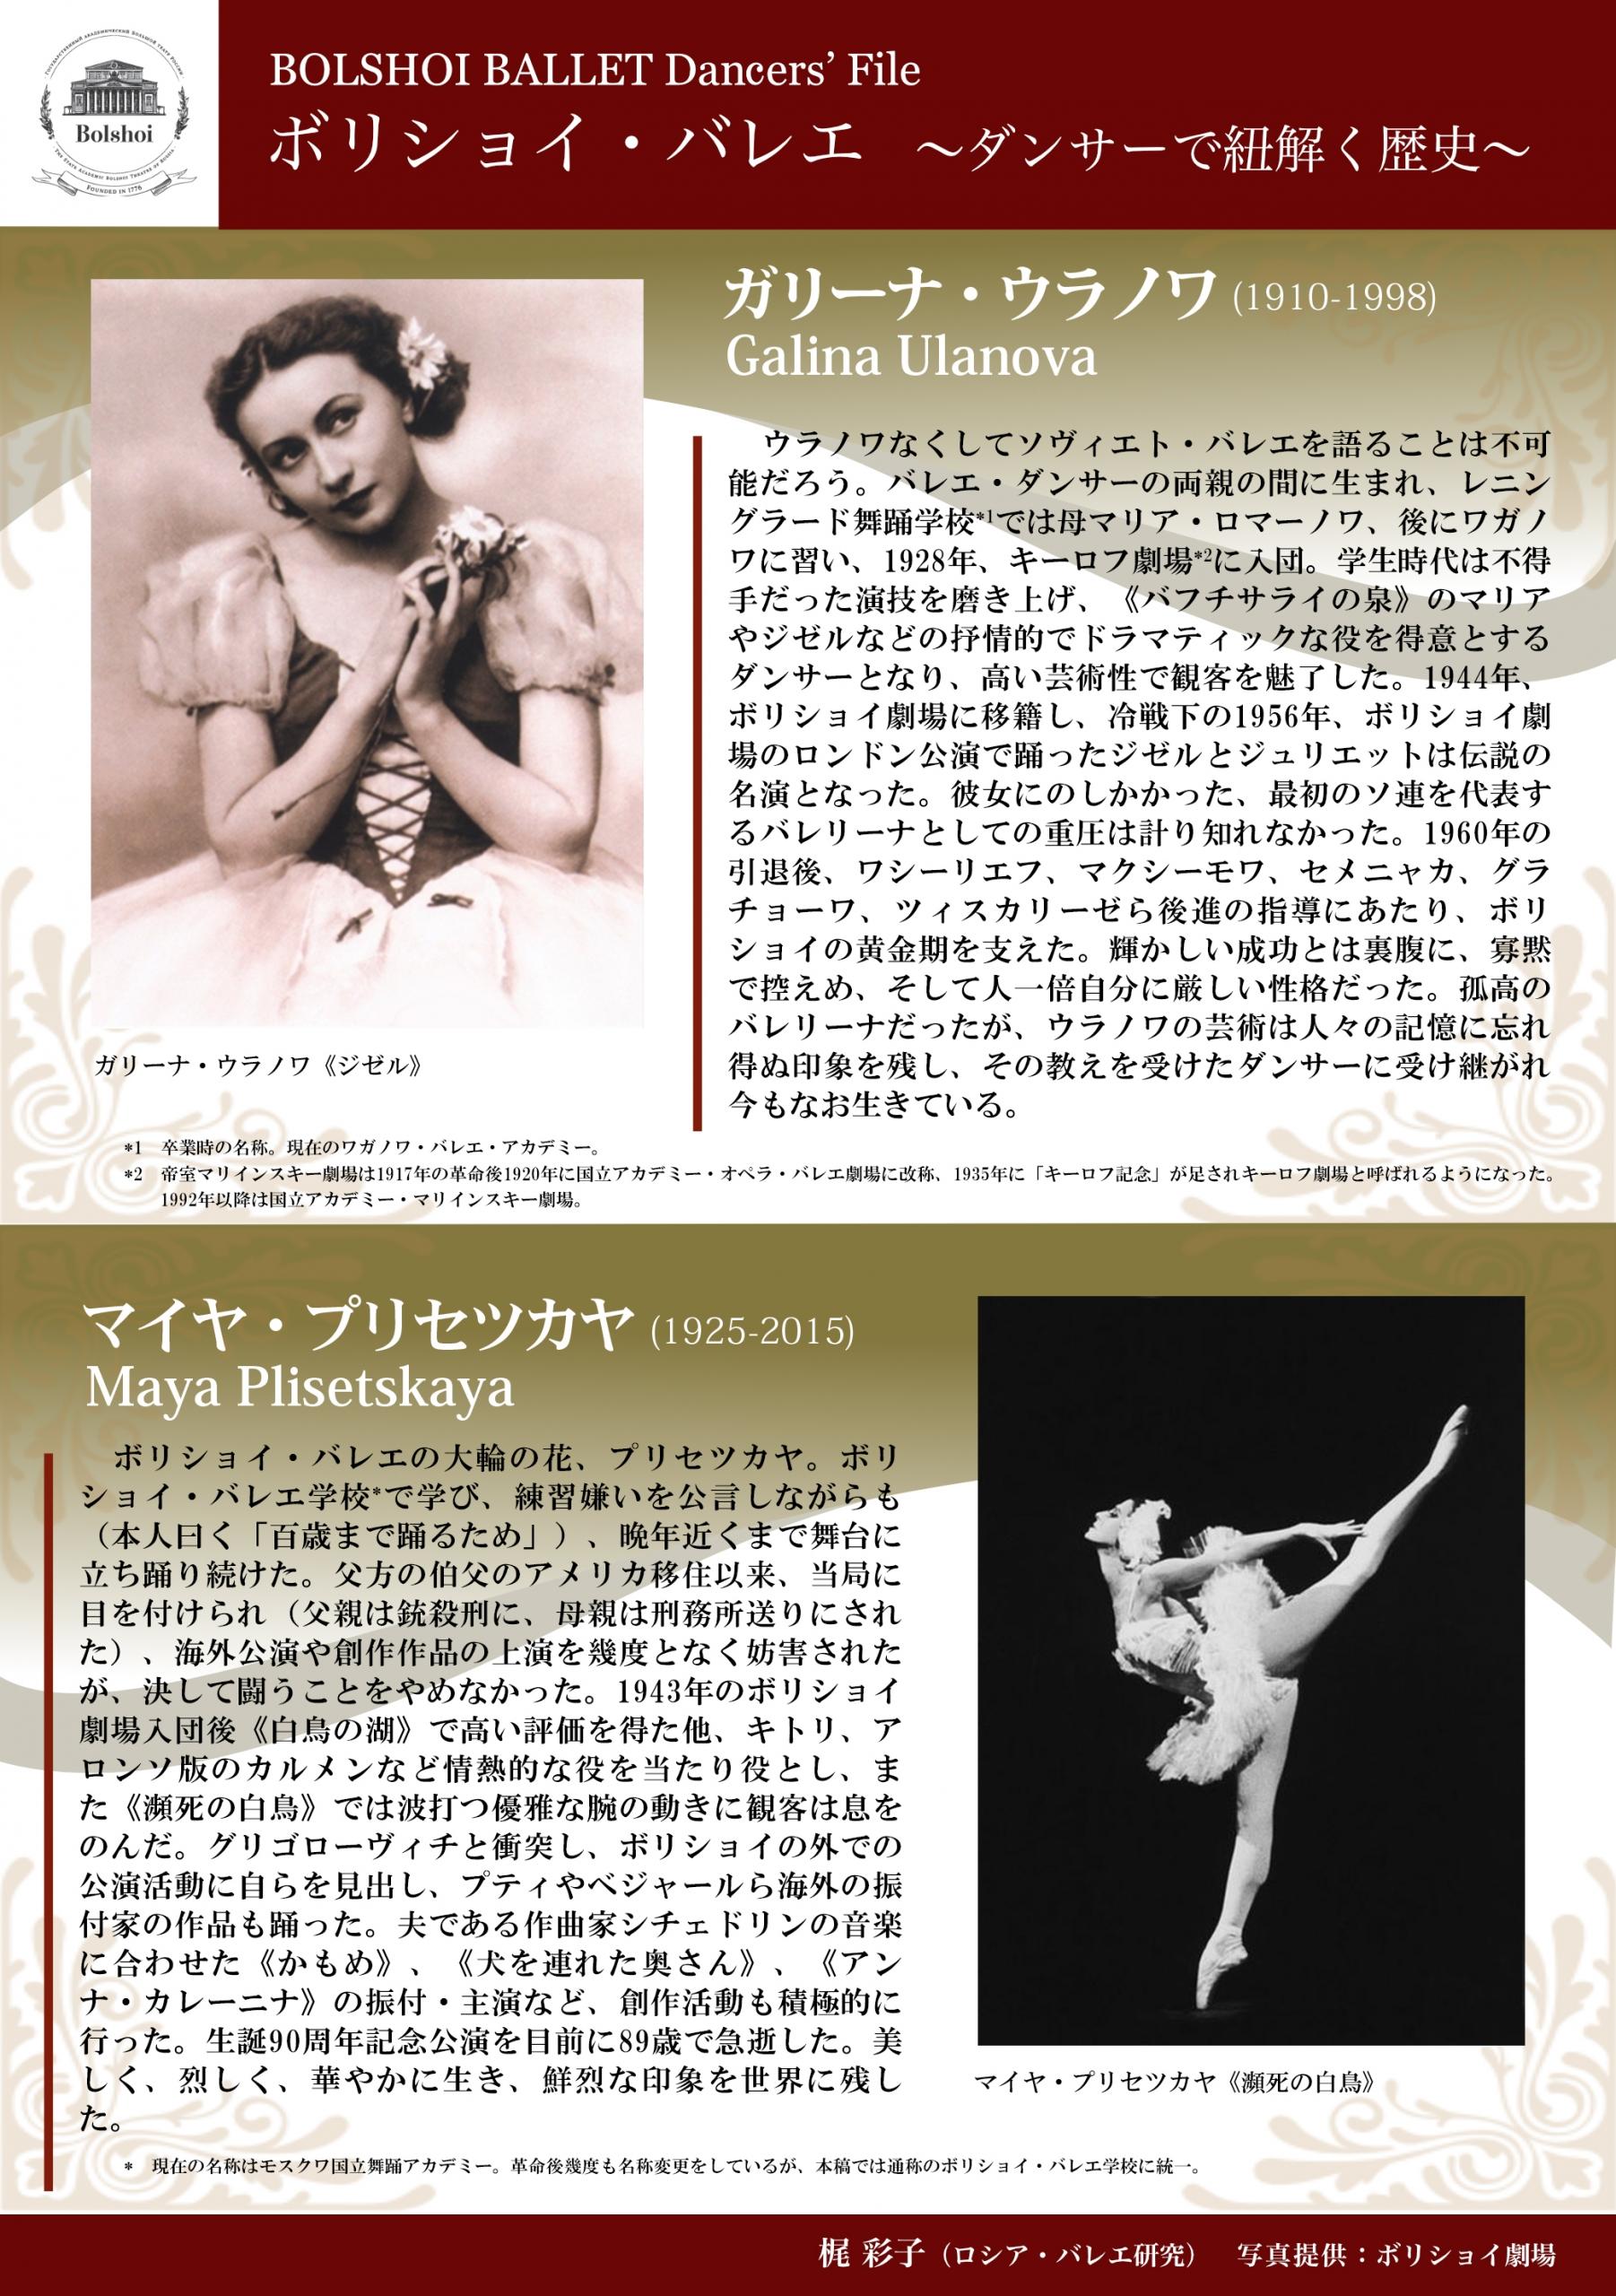 ボリショイ・バレエ 〜ダンサーで紐解く歴史〜 vol.1